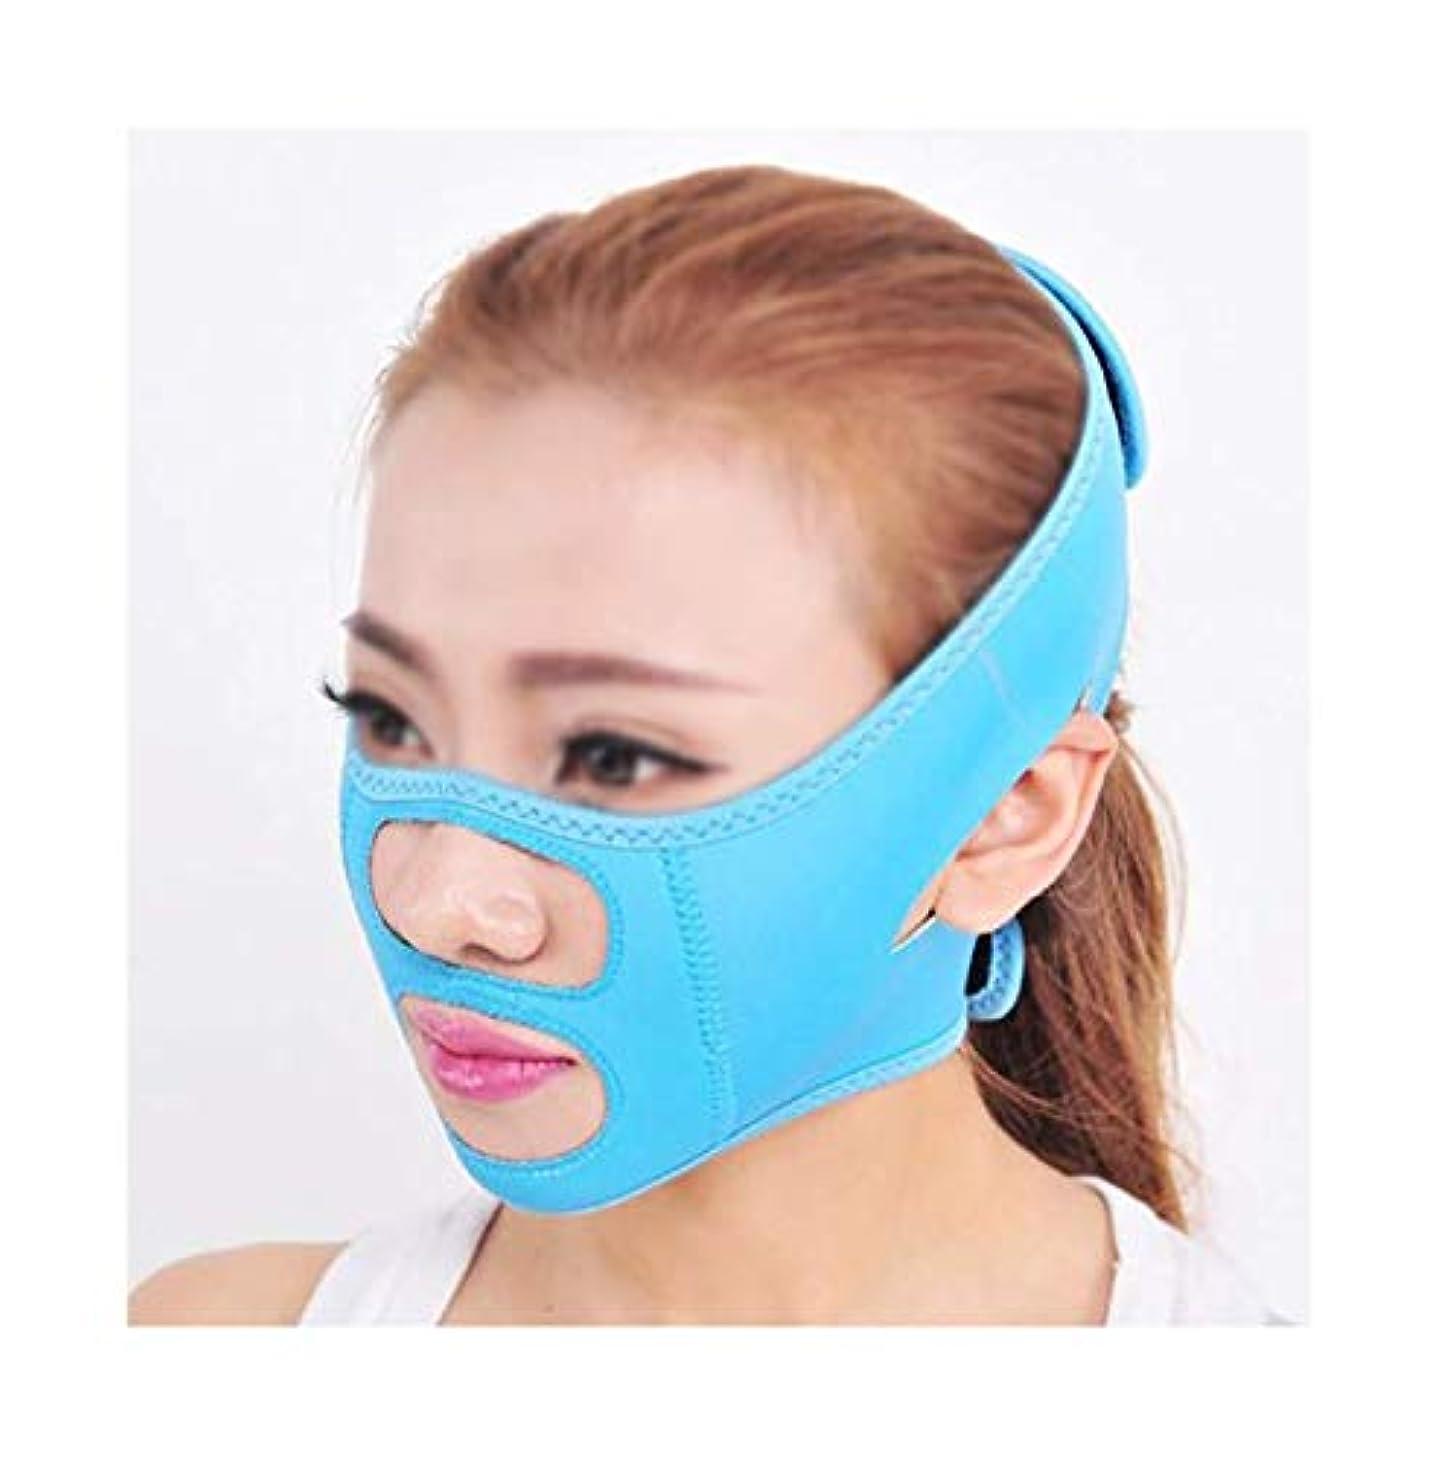 割り当てます誤って検査官ファーミングフェイスマスク、術後リフティングマスクホーム包帯揺れネットワーク赤女性Vフェイスステッカーストラップ楽器顔アーティファクト(色:青),青